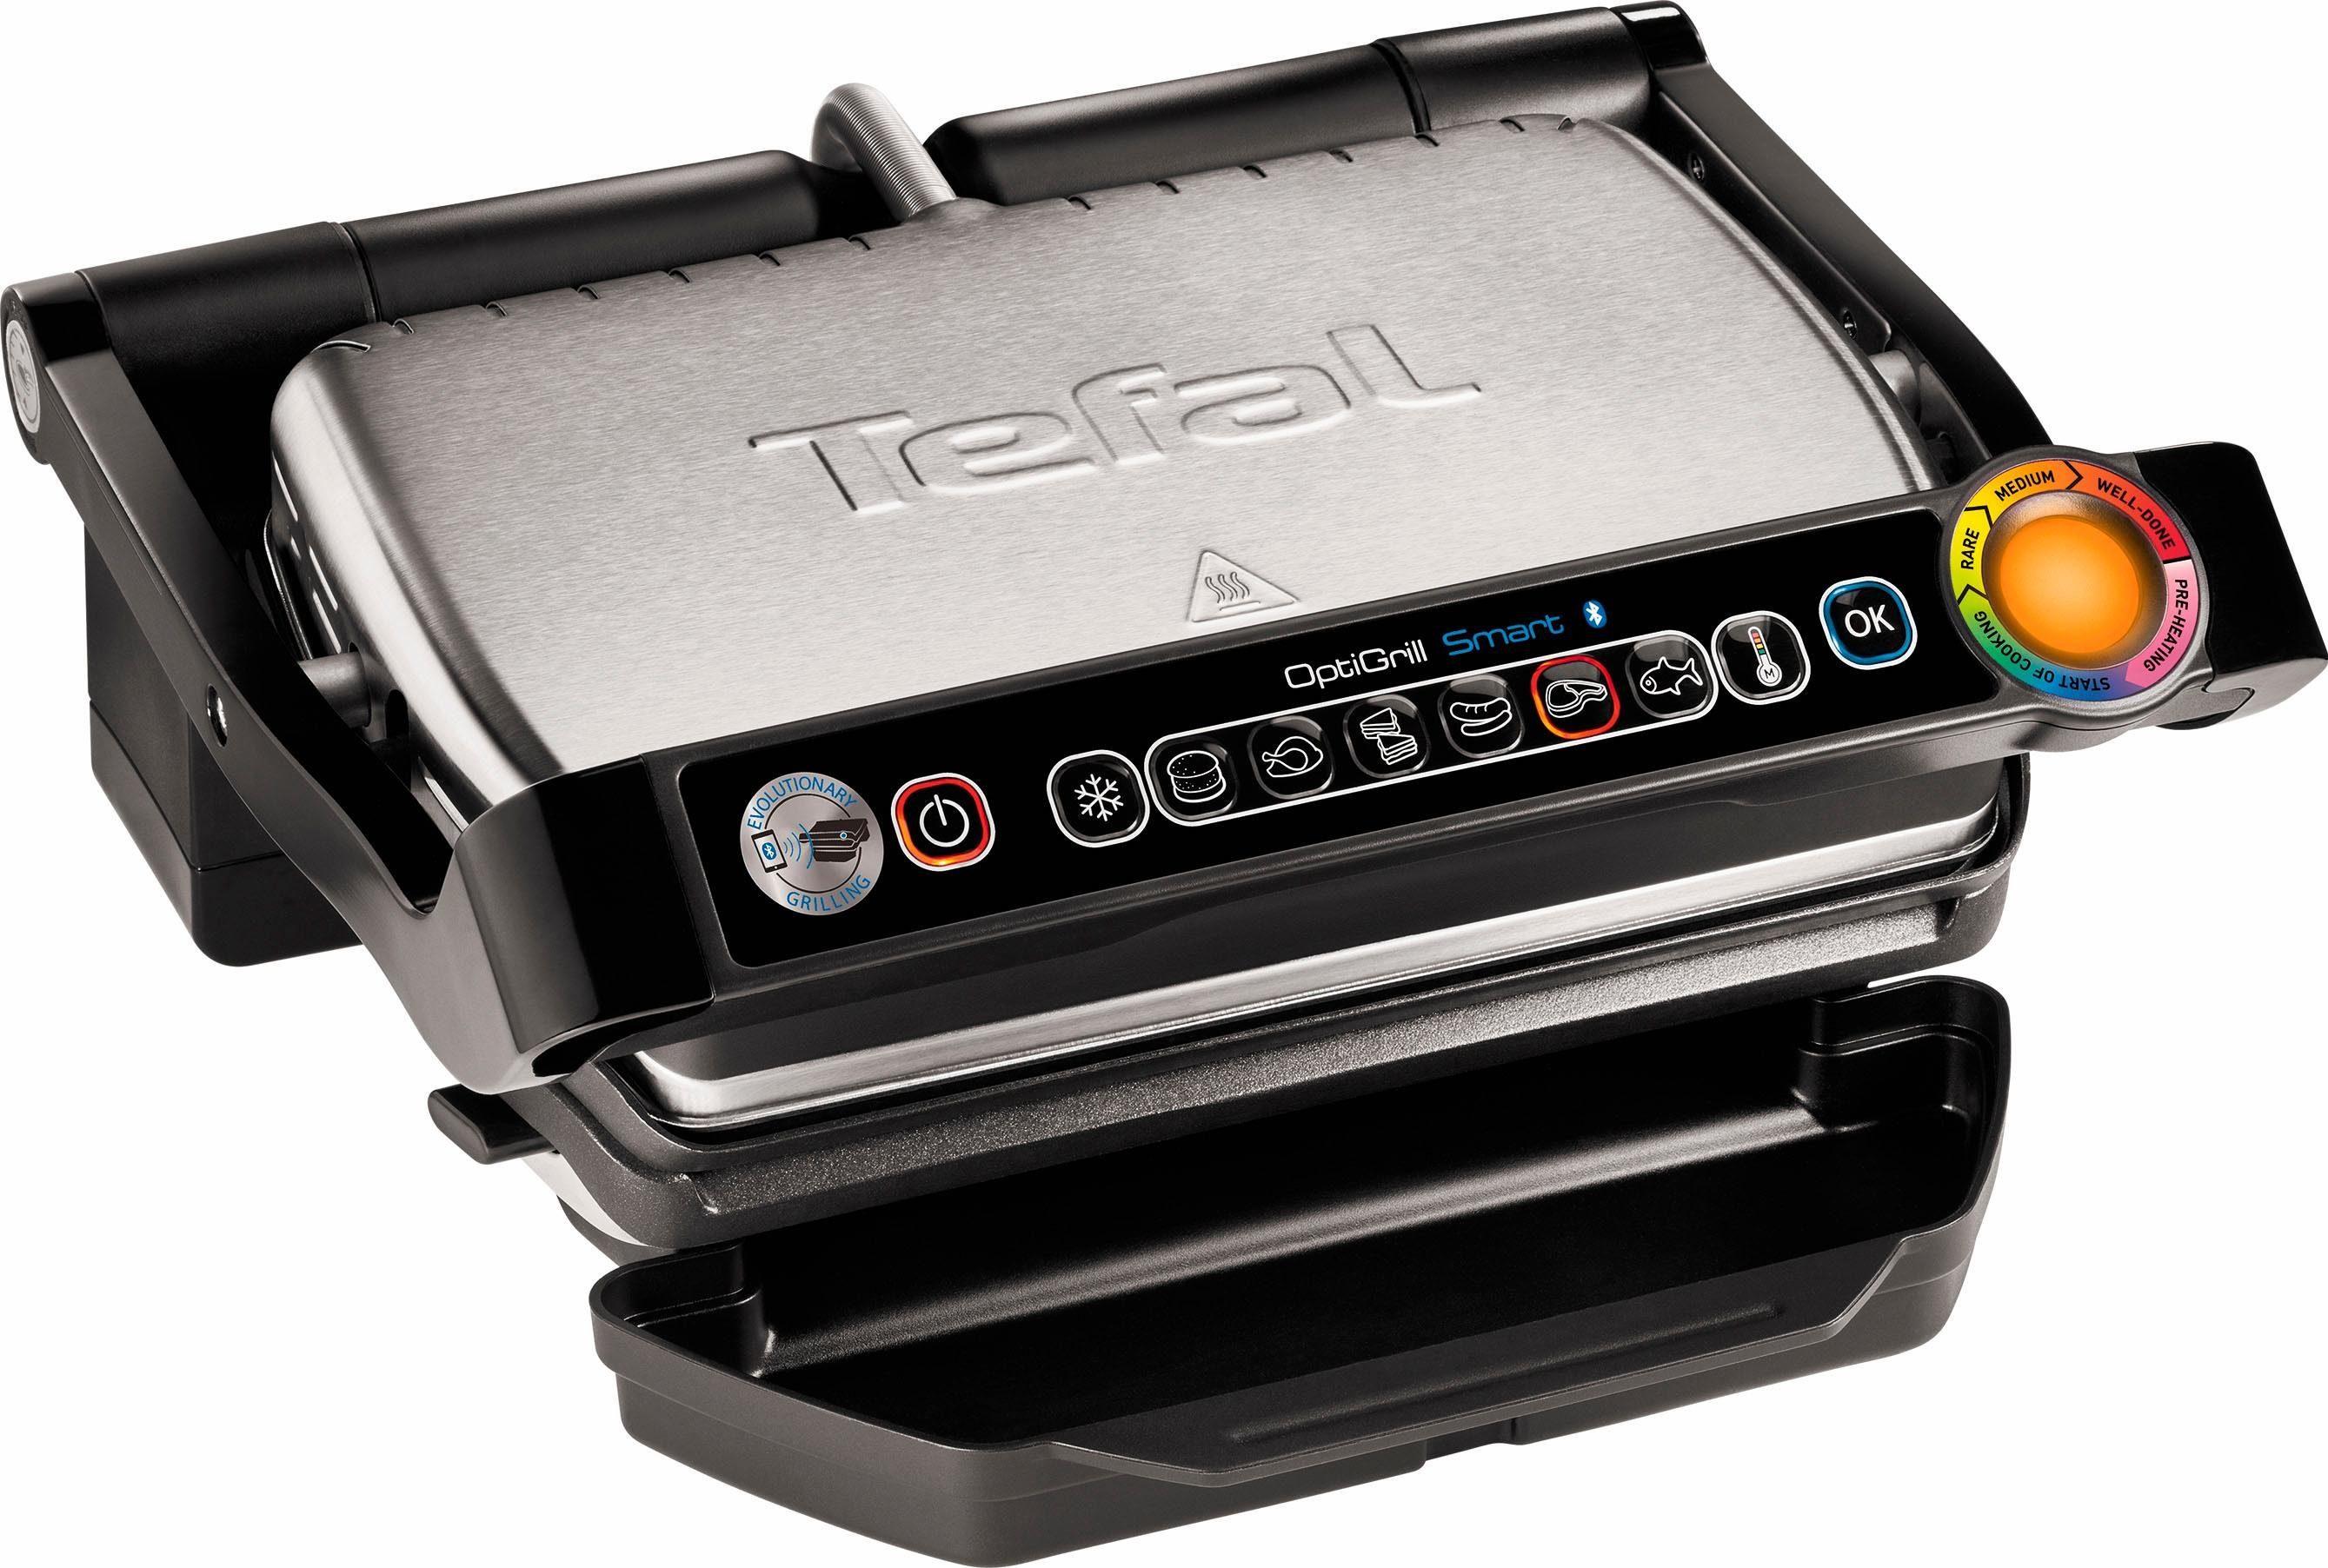 Tefal Tischgrill GC730D Optigrill, 2000 W, 2000 Watt